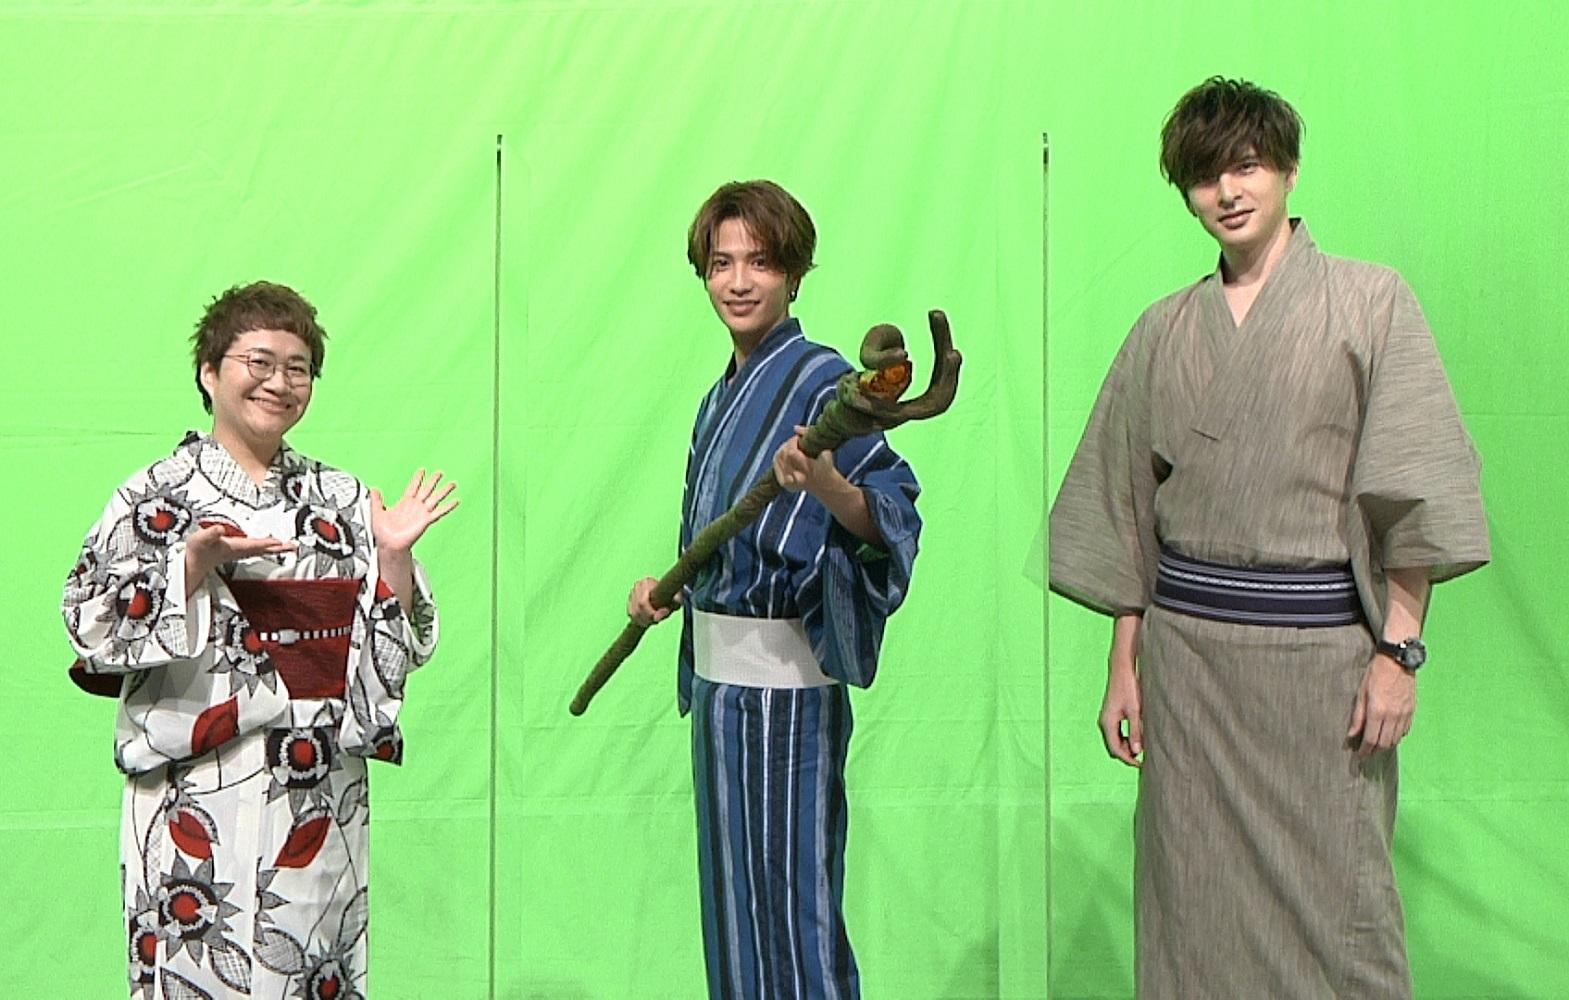 左から、近藤春菜、志尊淳、城田優 グリーンバックを背景に